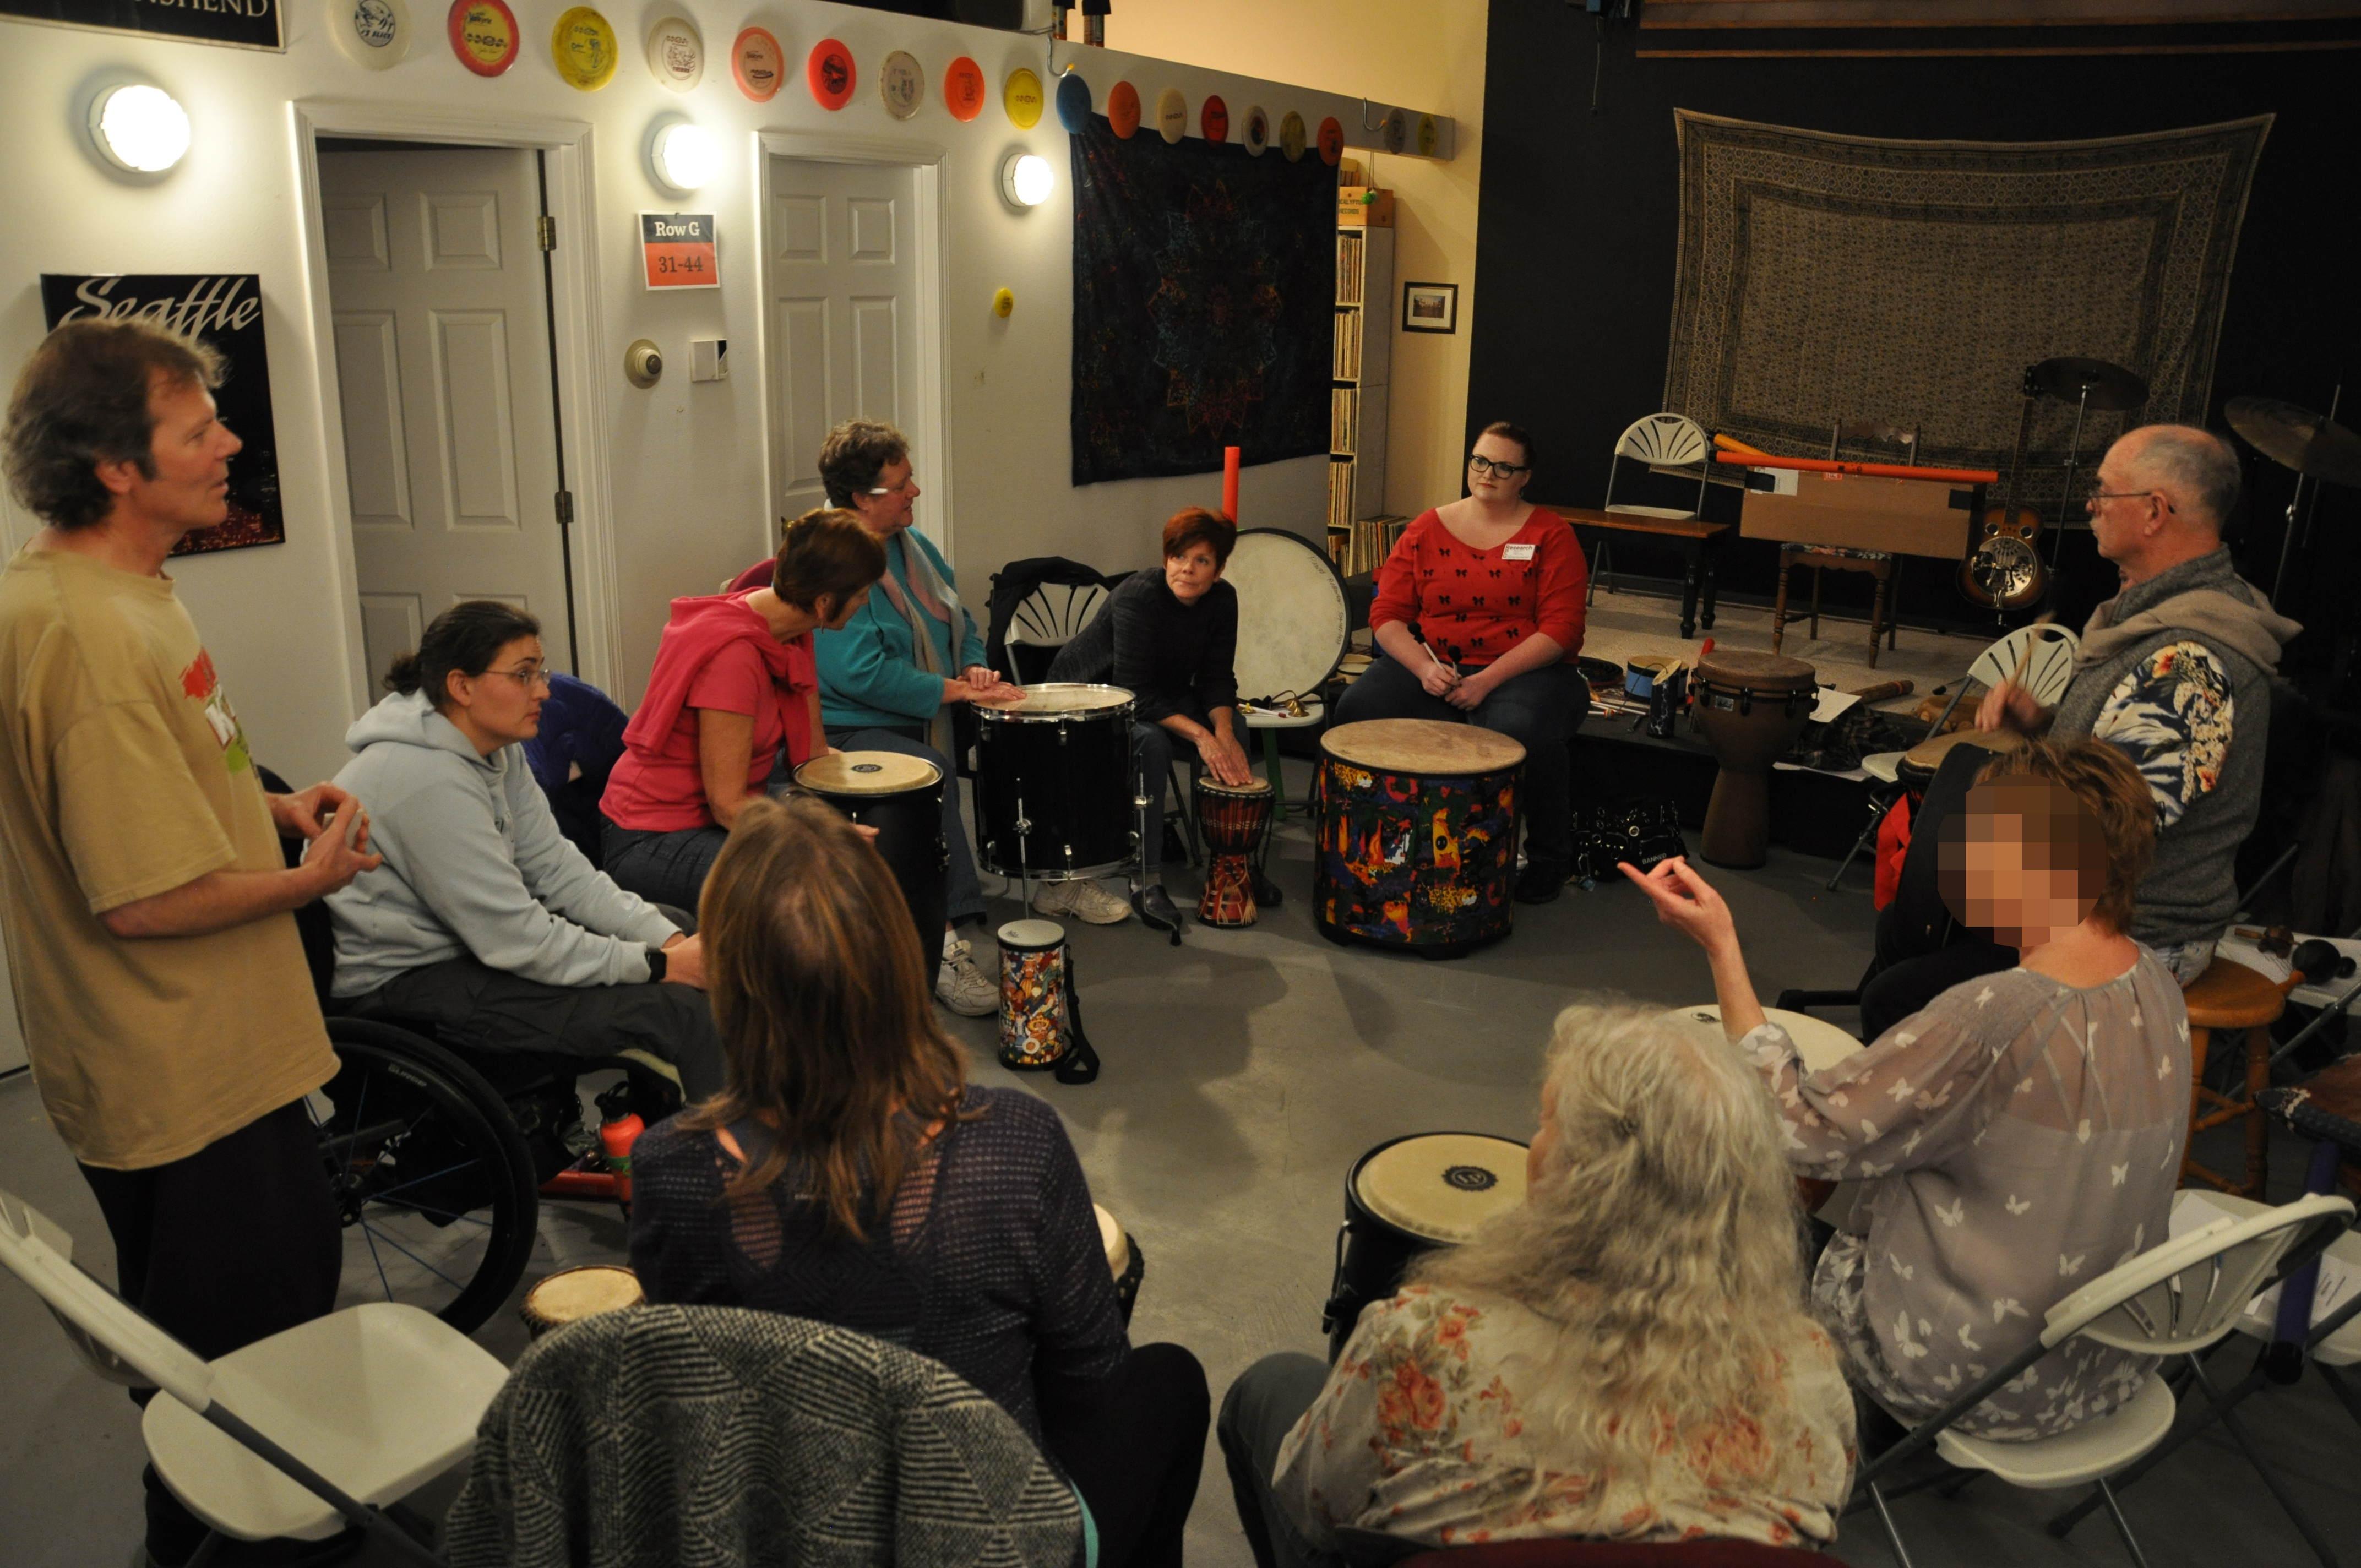 Spokane Drum Circle Facilitation Workshop - November 4th, 2017. 1-3 pm, Spokane, WA.